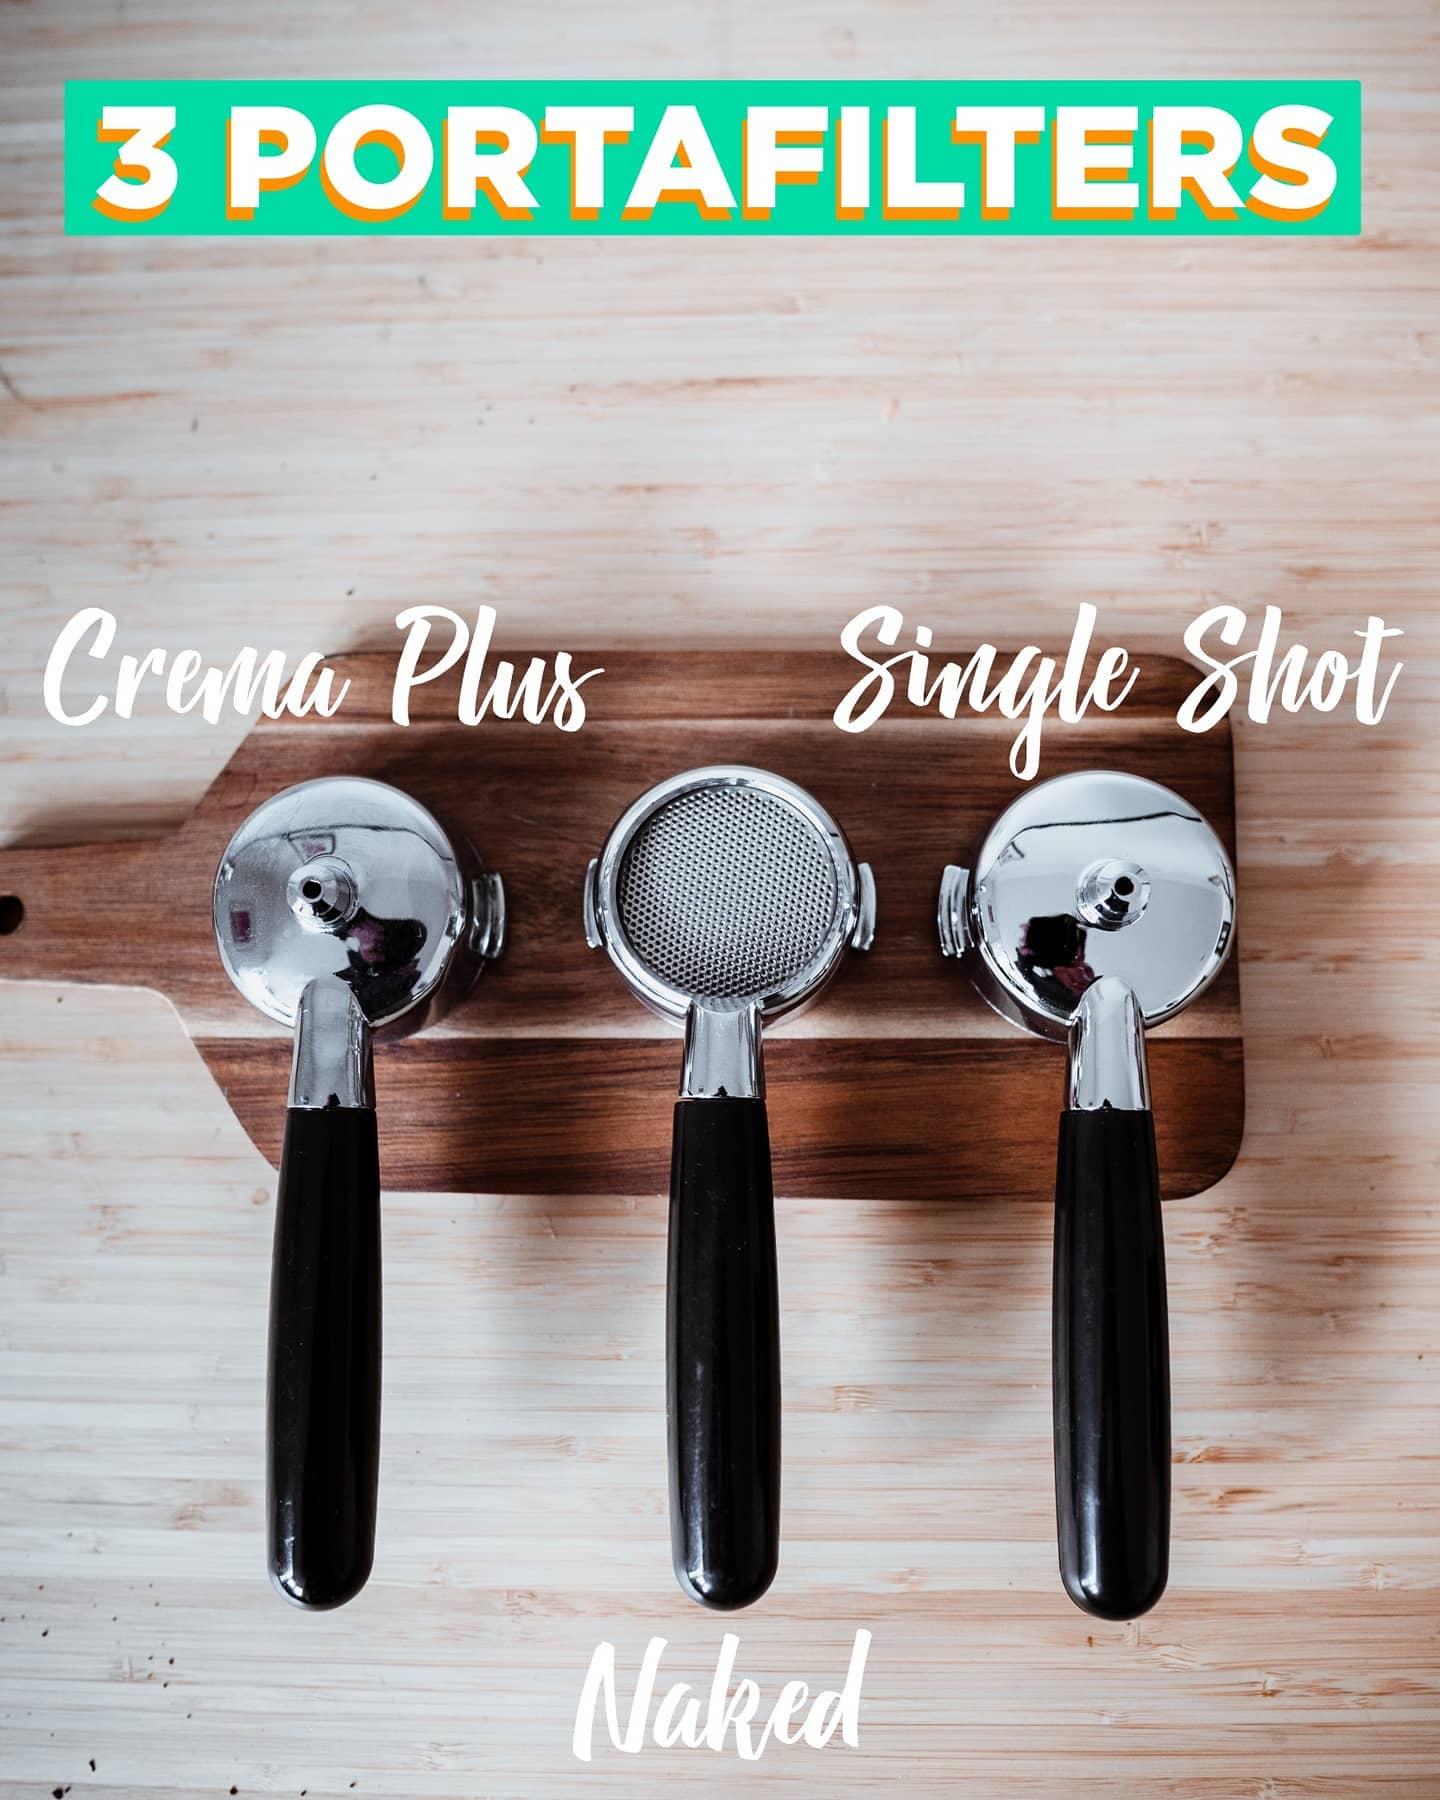 Welchen Portafilter verwenden Sie am liebsten? Wir lieben den Crema Plus, weil er es so einfach macht!   Lassen Sie uns Ihre Wahl wissen 🤔🤔!